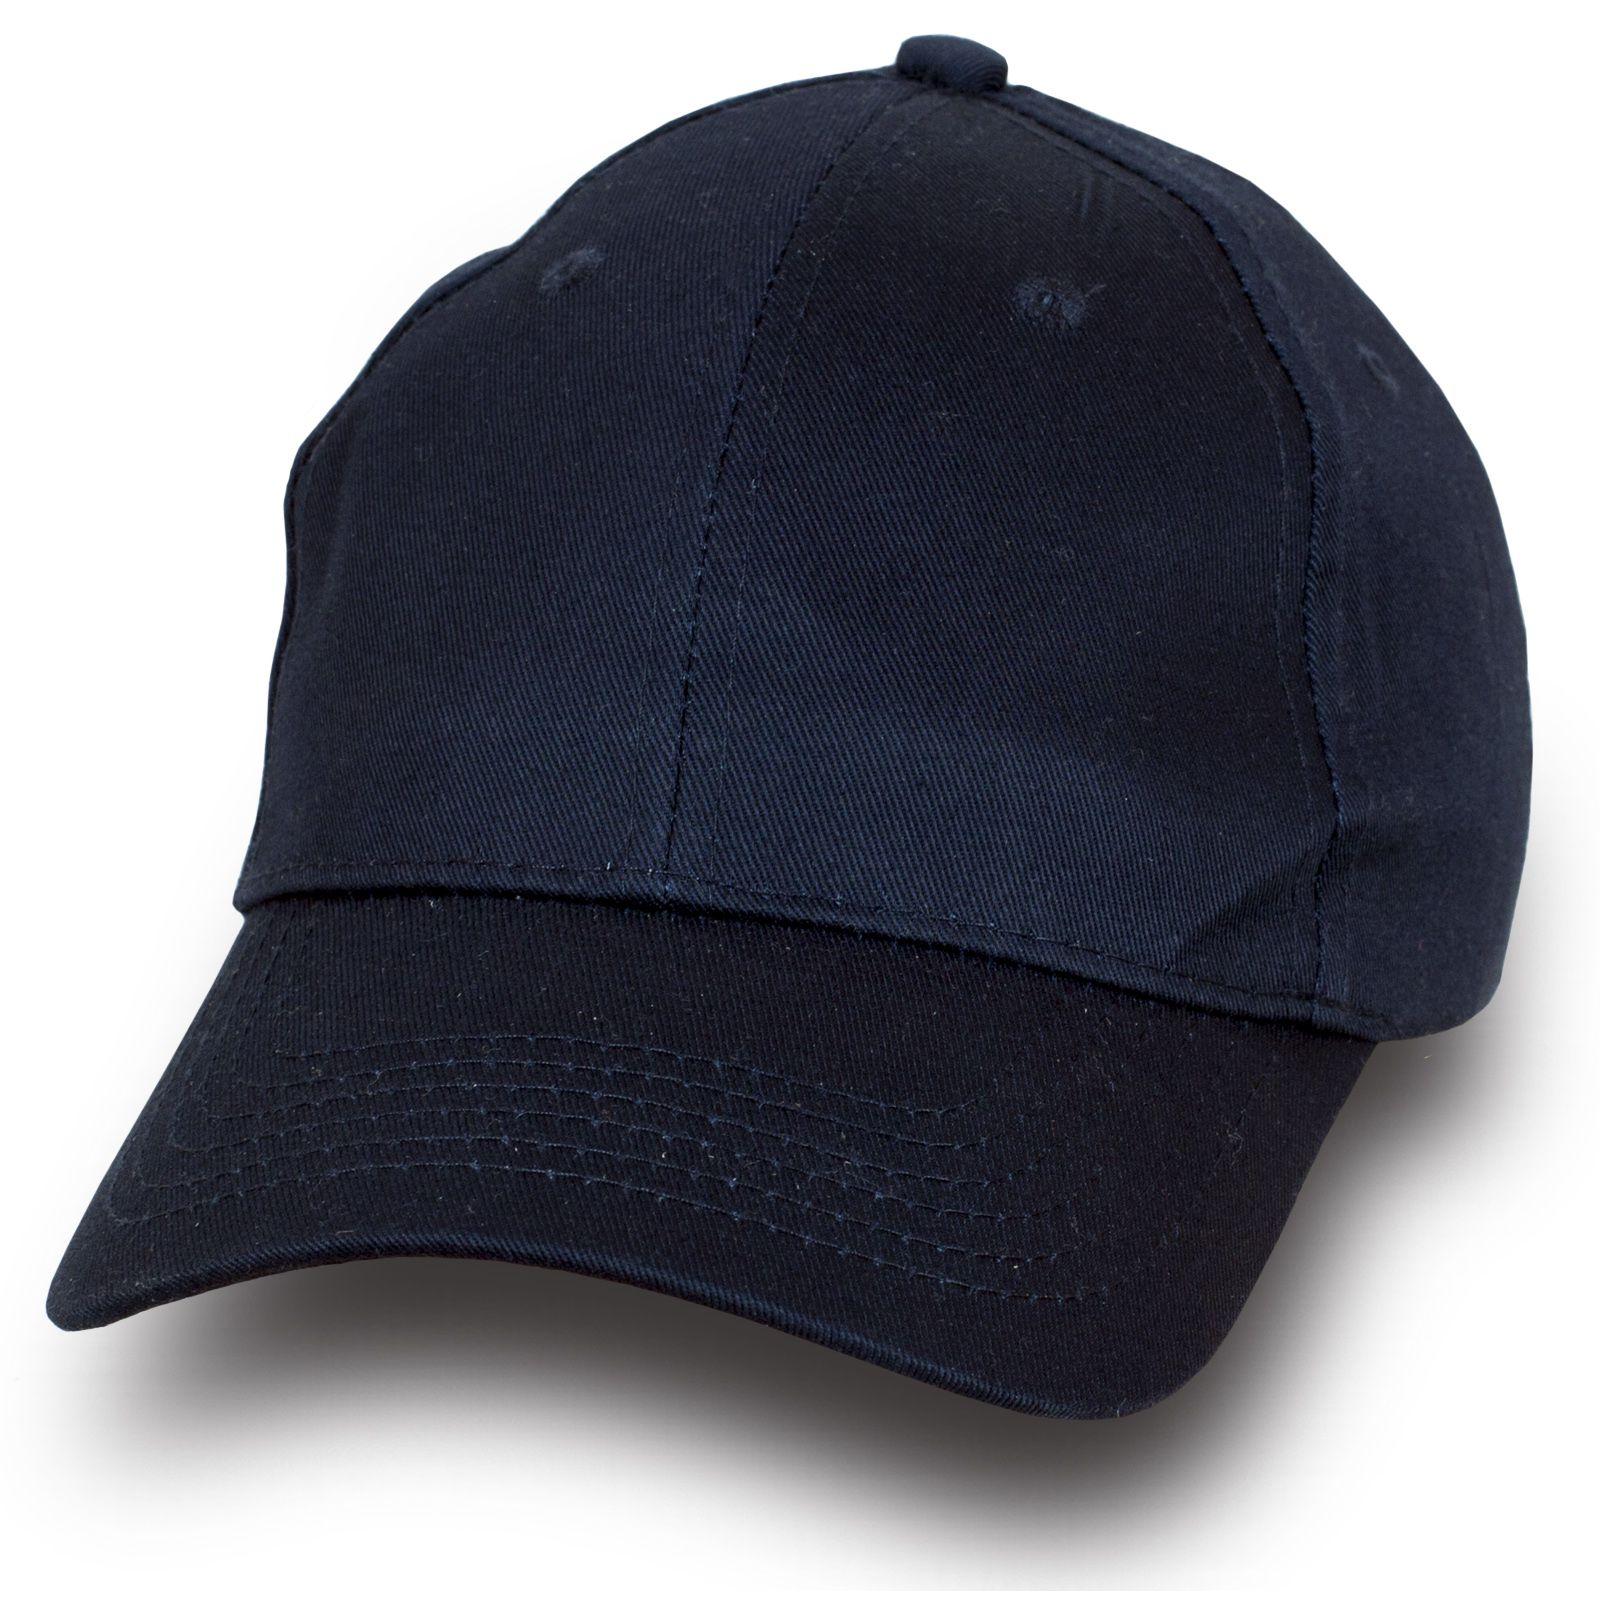 Модная бейсболка темно-синего цвета